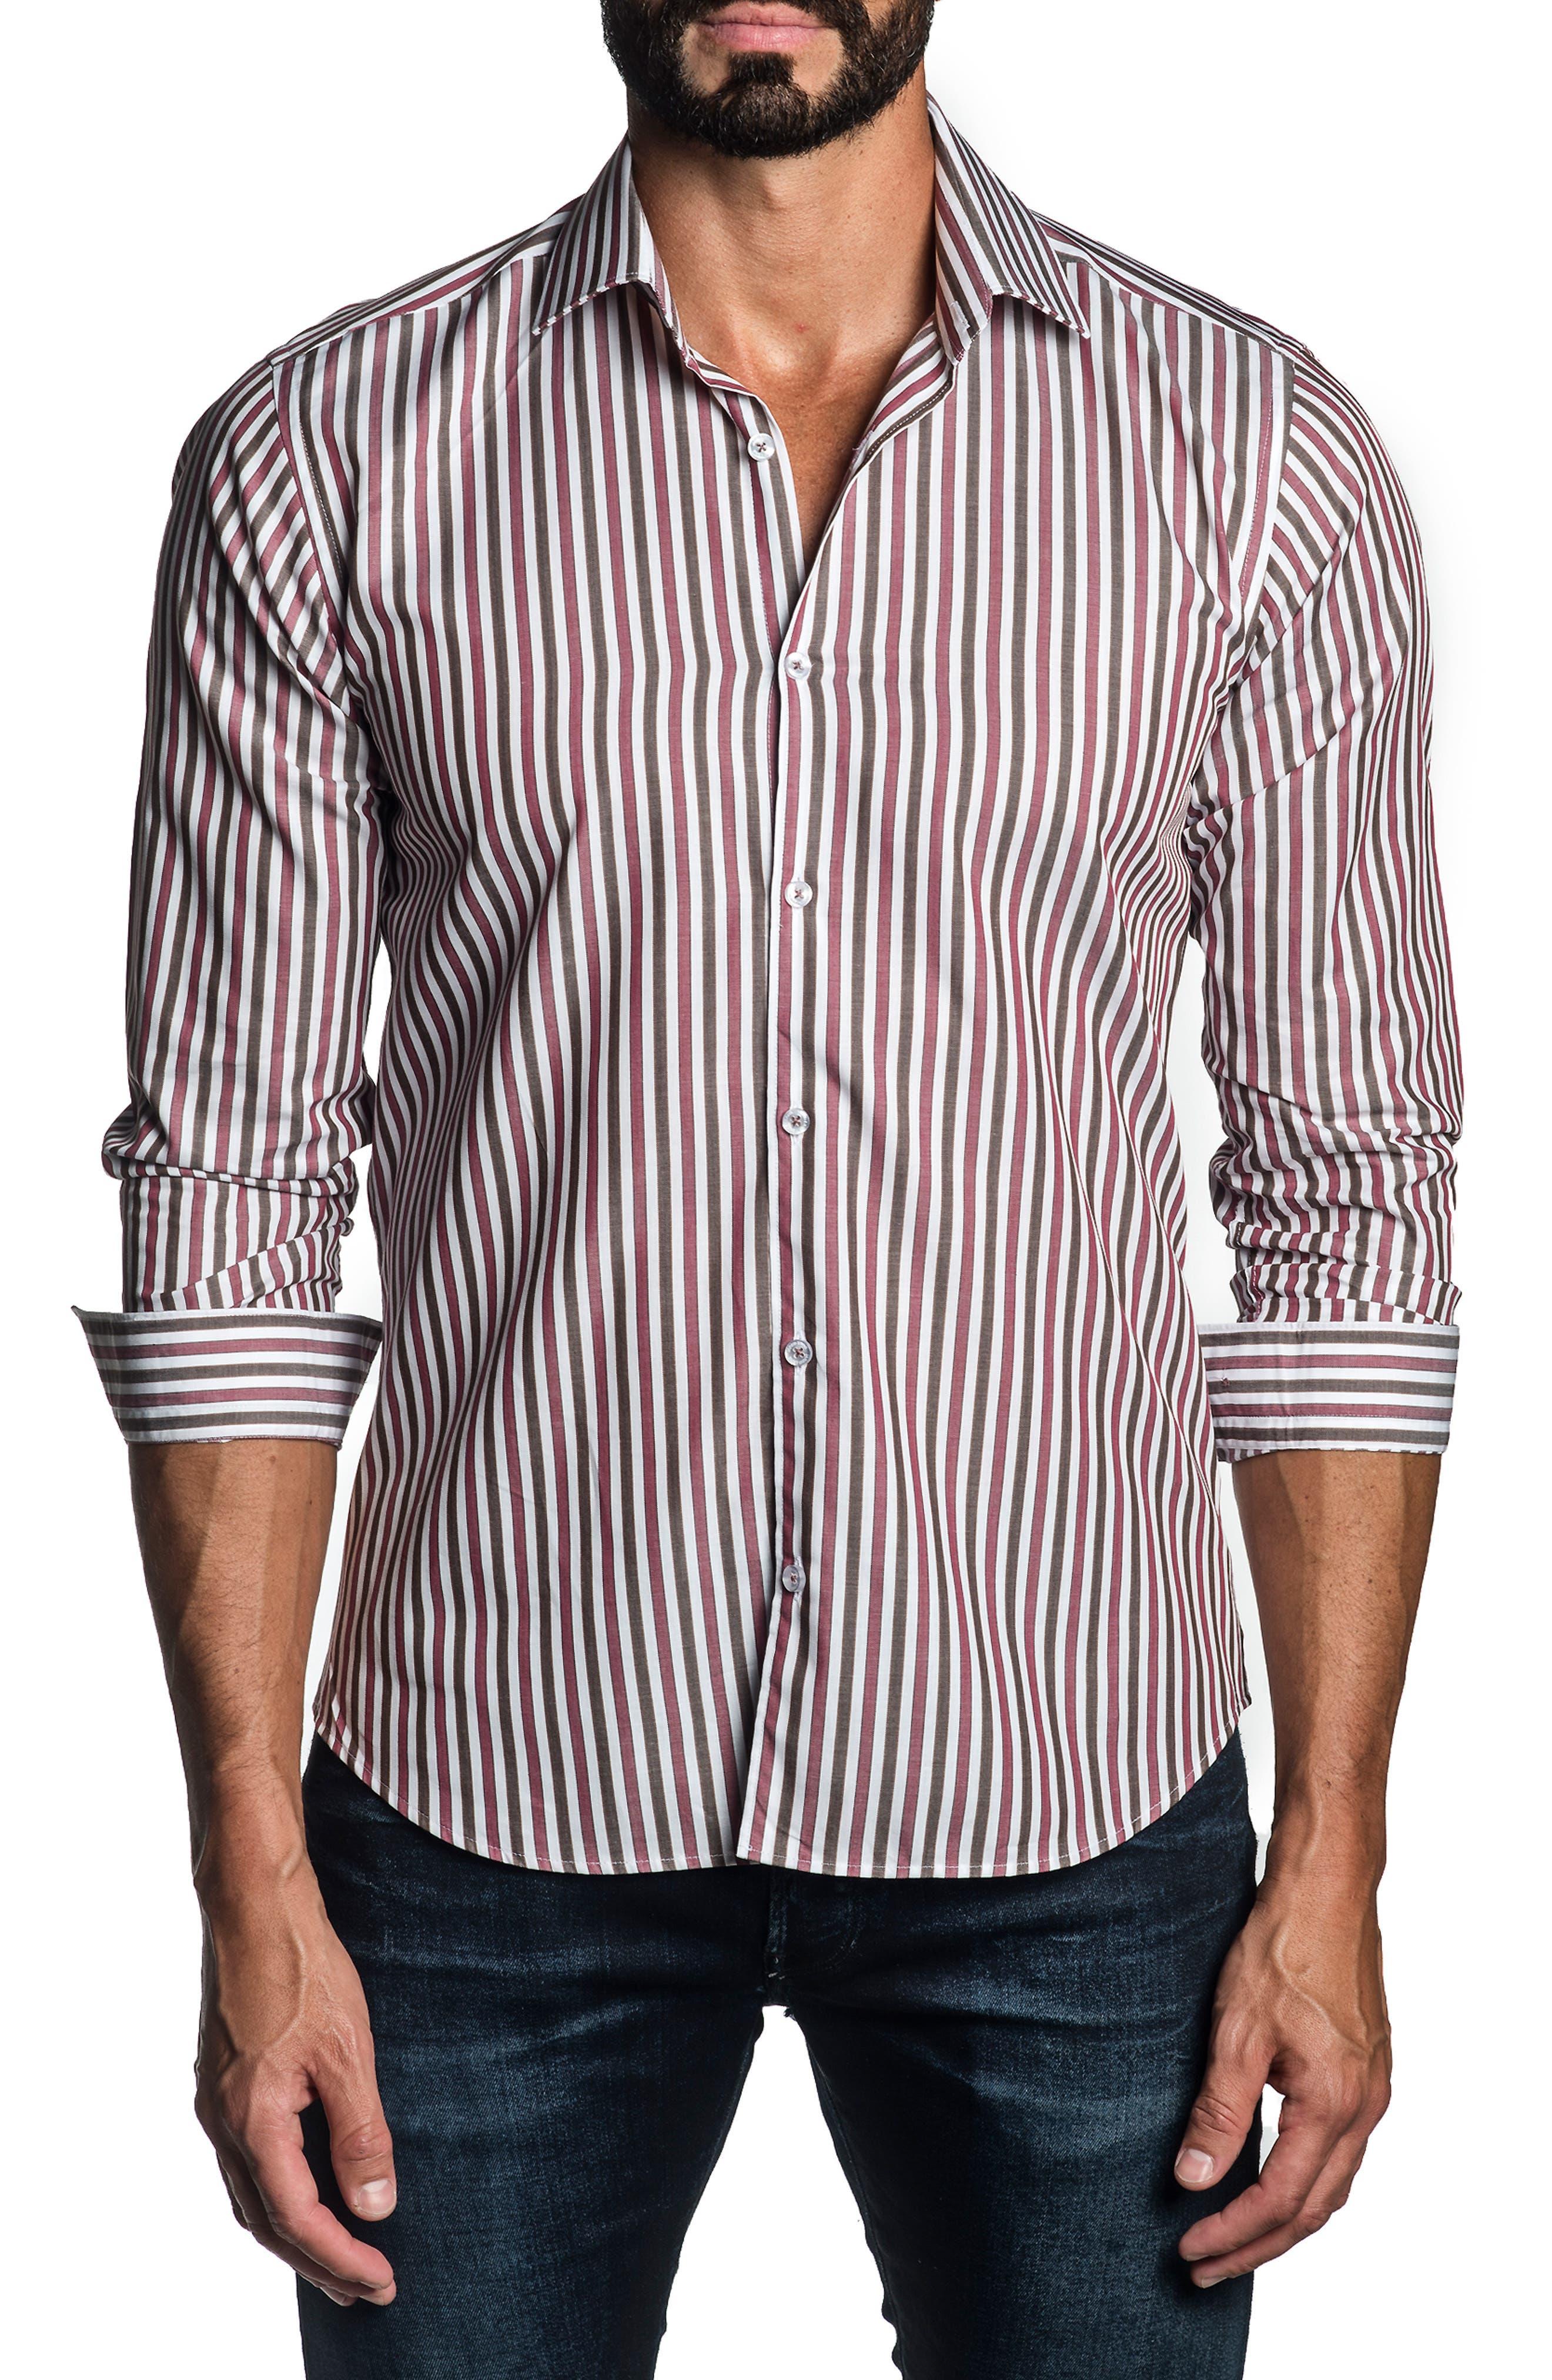 Regular Fit Stripe Button-Up Shirt